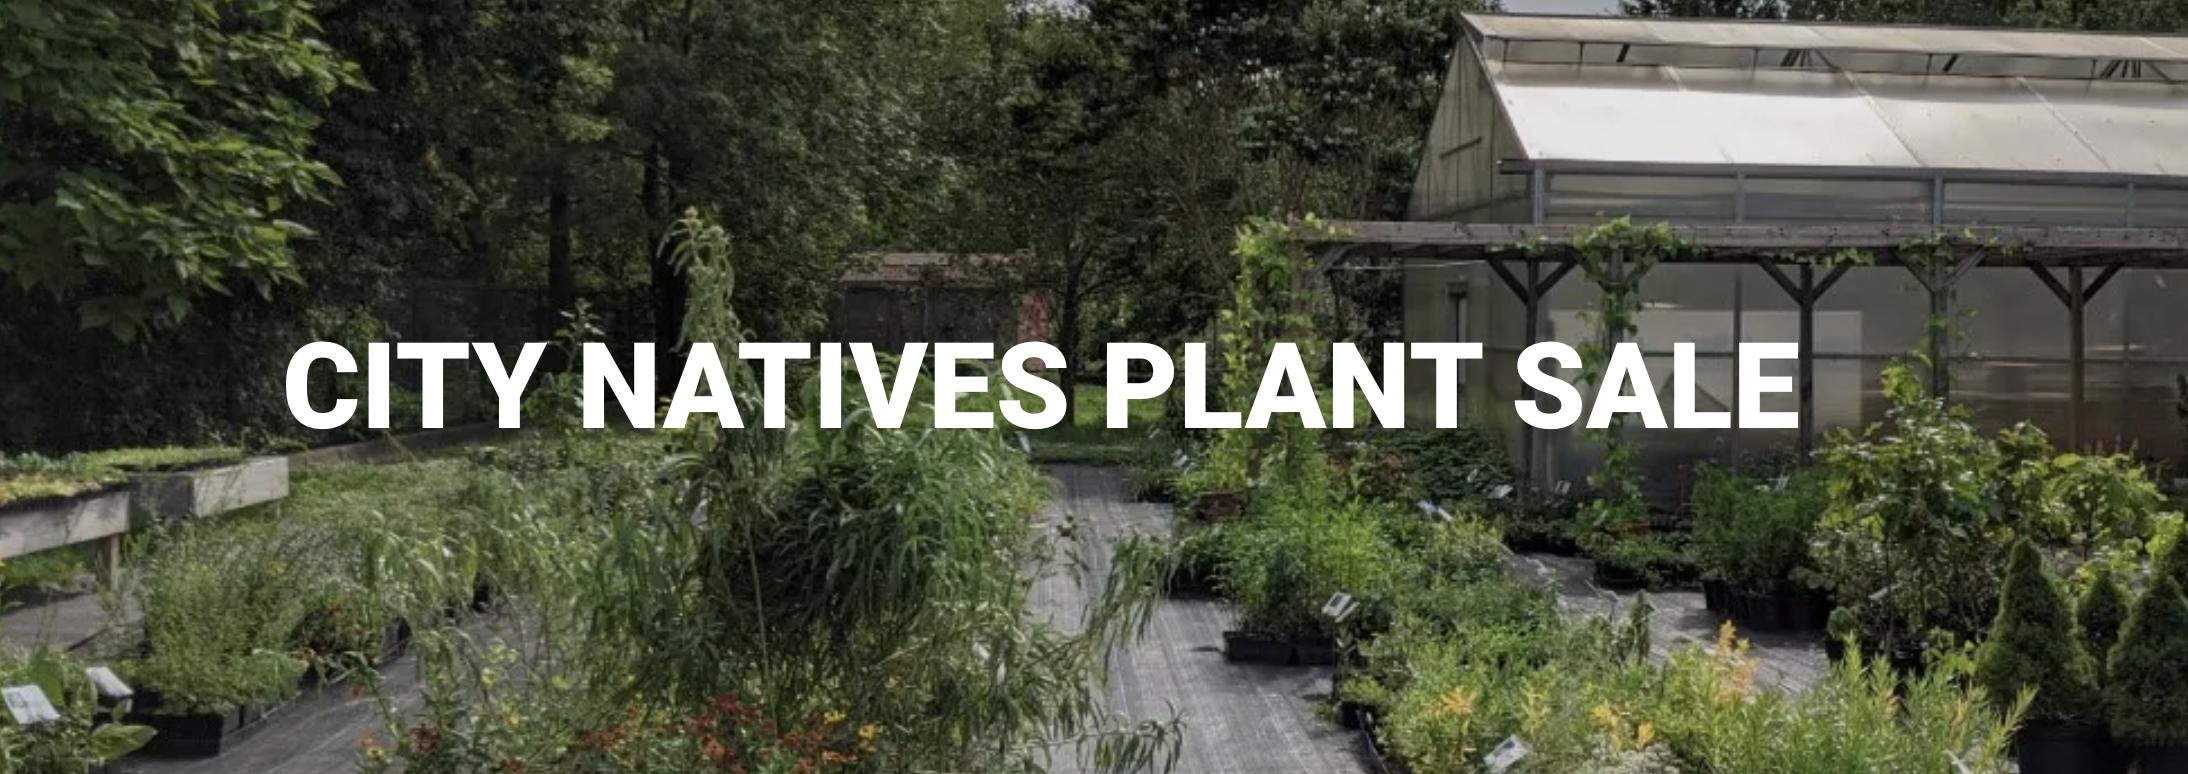 City Natives Plant Sale